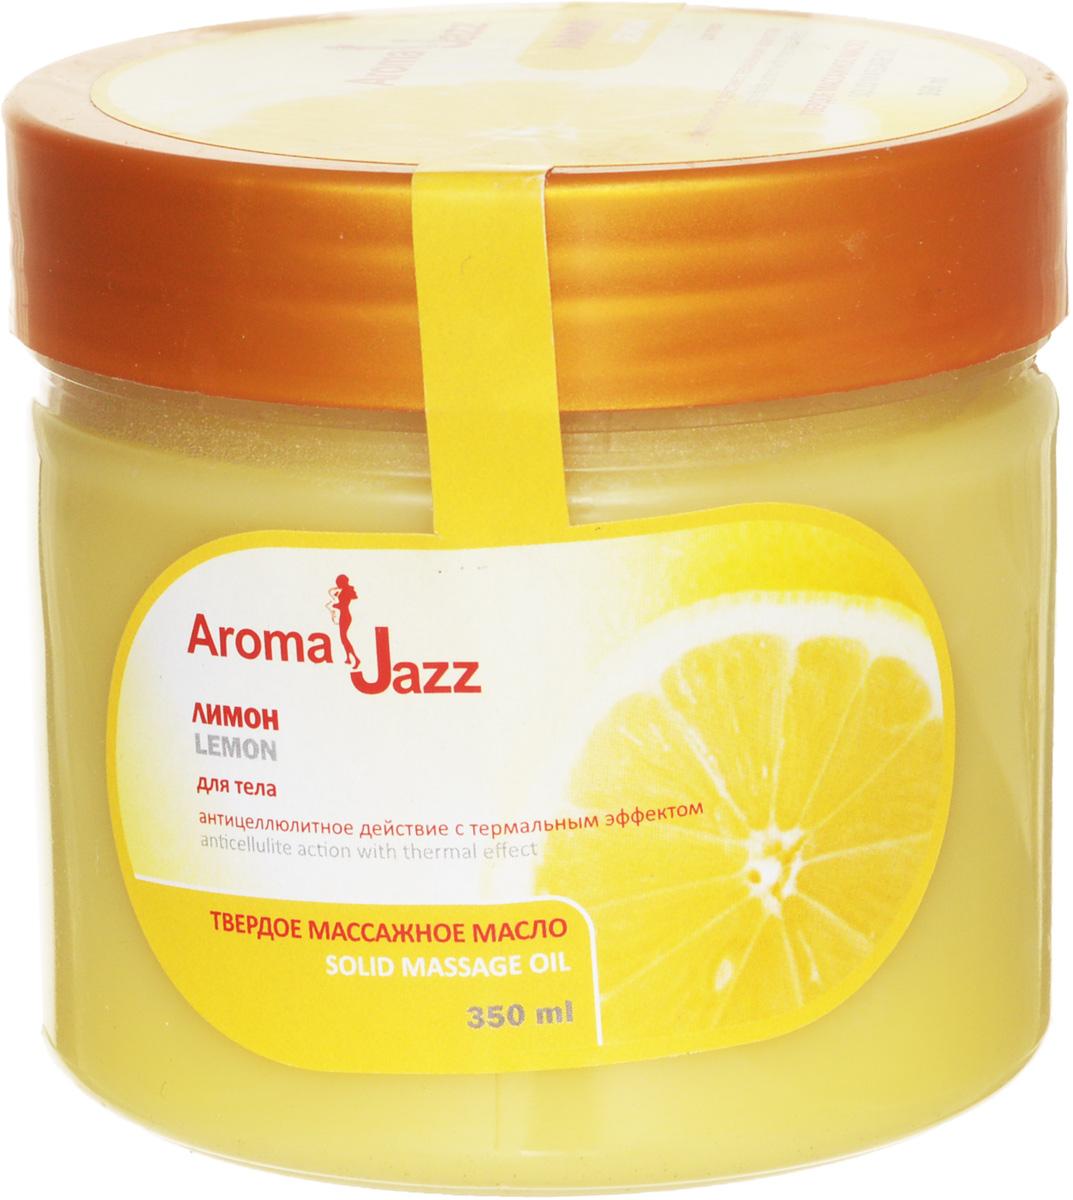 Aroma Jazz Твердое масло Антицеллюлитное Лимон, 300 мл0113Действие: омолаживает, предотвращает гиперпигментацию, стимулирует микроциркуляцию крови. Масло повышает упругость и эластичность кожи, осветляет ее, разглаживает морщины, очищает верхний слой эпидермиса от токсинов и шлаков, укрепляет межклеточные ткани. Противопоказания: индивидуальная непереносимость компонентов продукта. Срок хранения: 24 месяца. После вскрытия упаковки использовать в течении 6 месяцев.